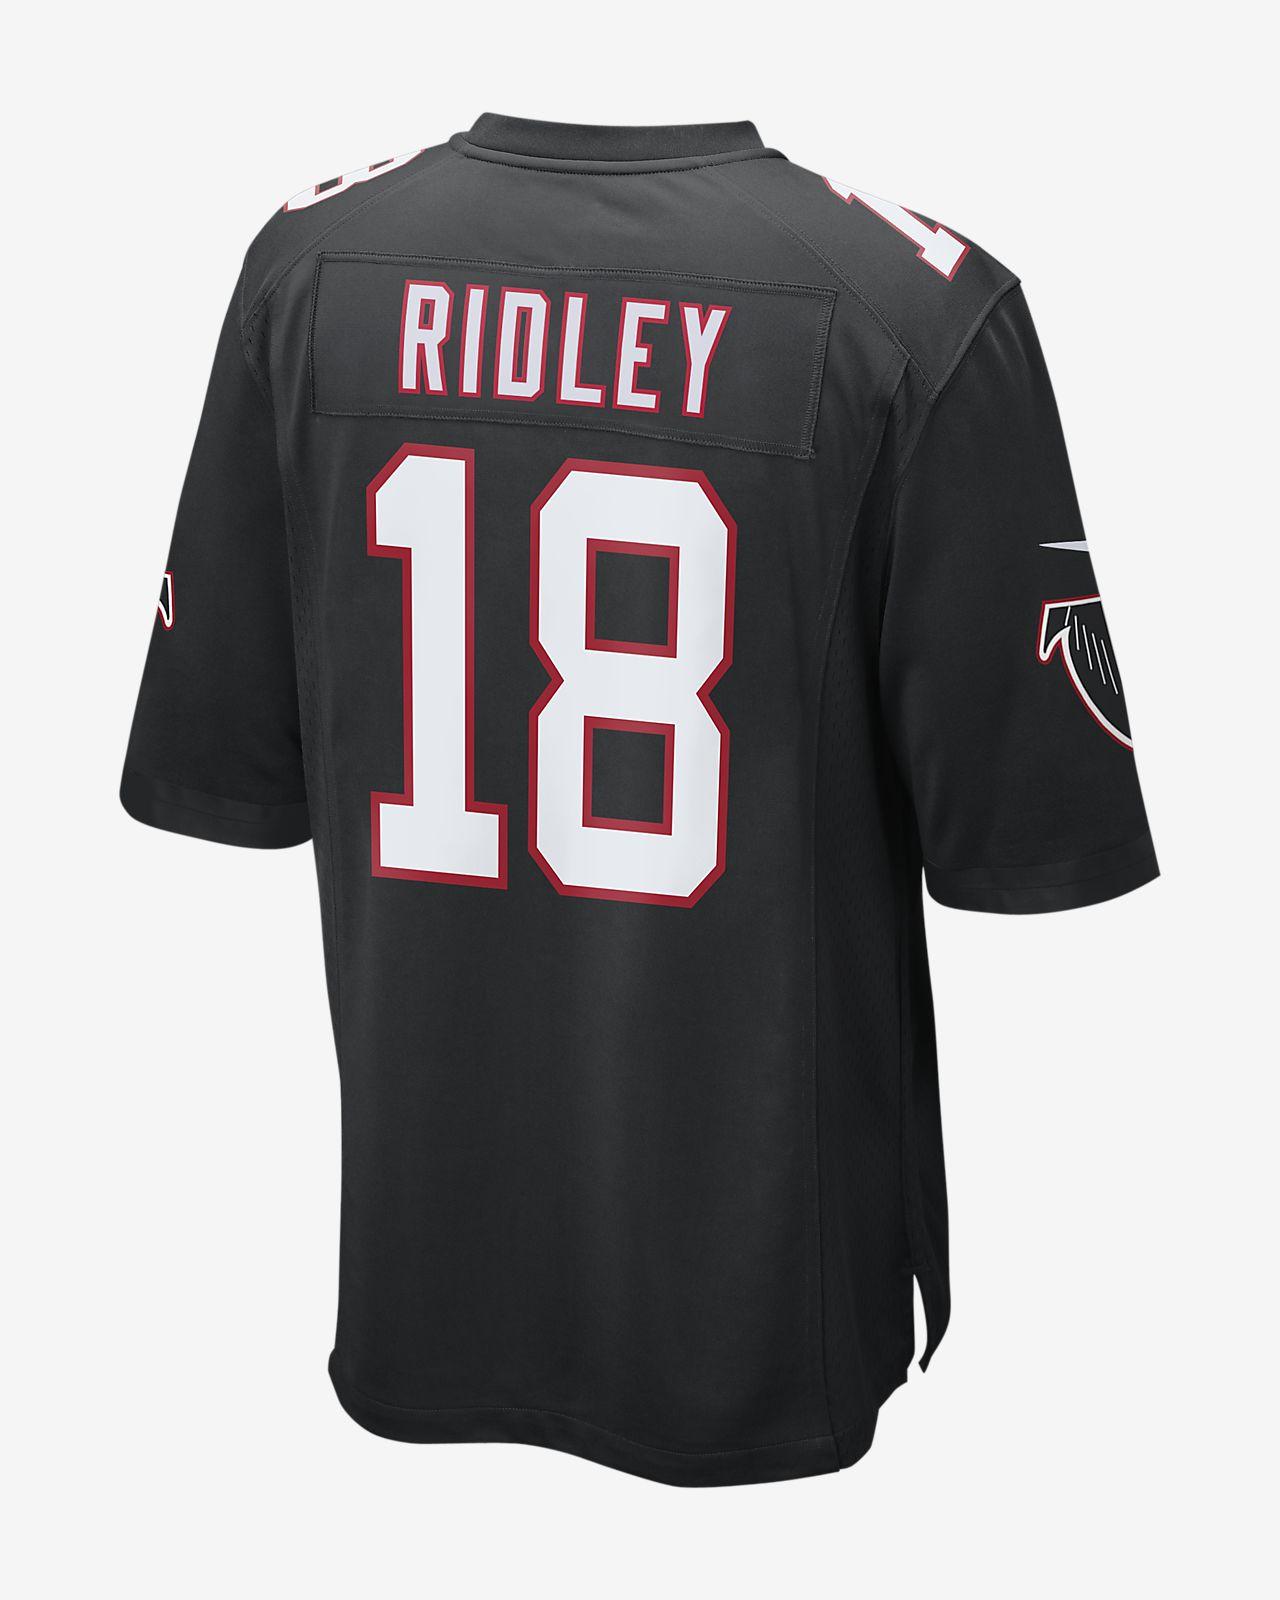 size 40 86cf6 5855e NFL Atlanta Falcons (Calvin Ridley) Men's Game Football Jersey